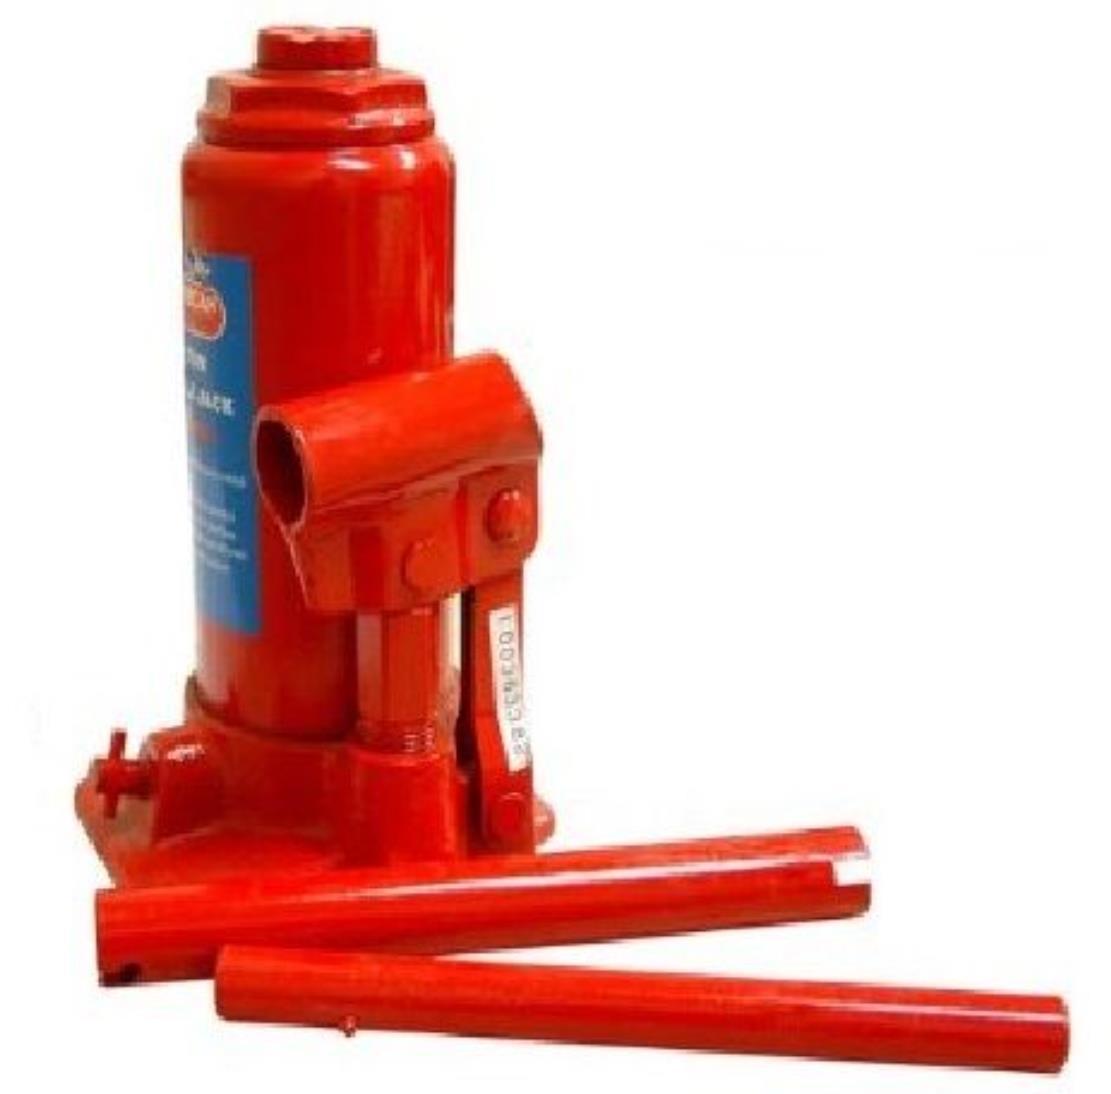 ג'ק מגבה הידראולי בקבוק 6 טון במארז צבע אדום